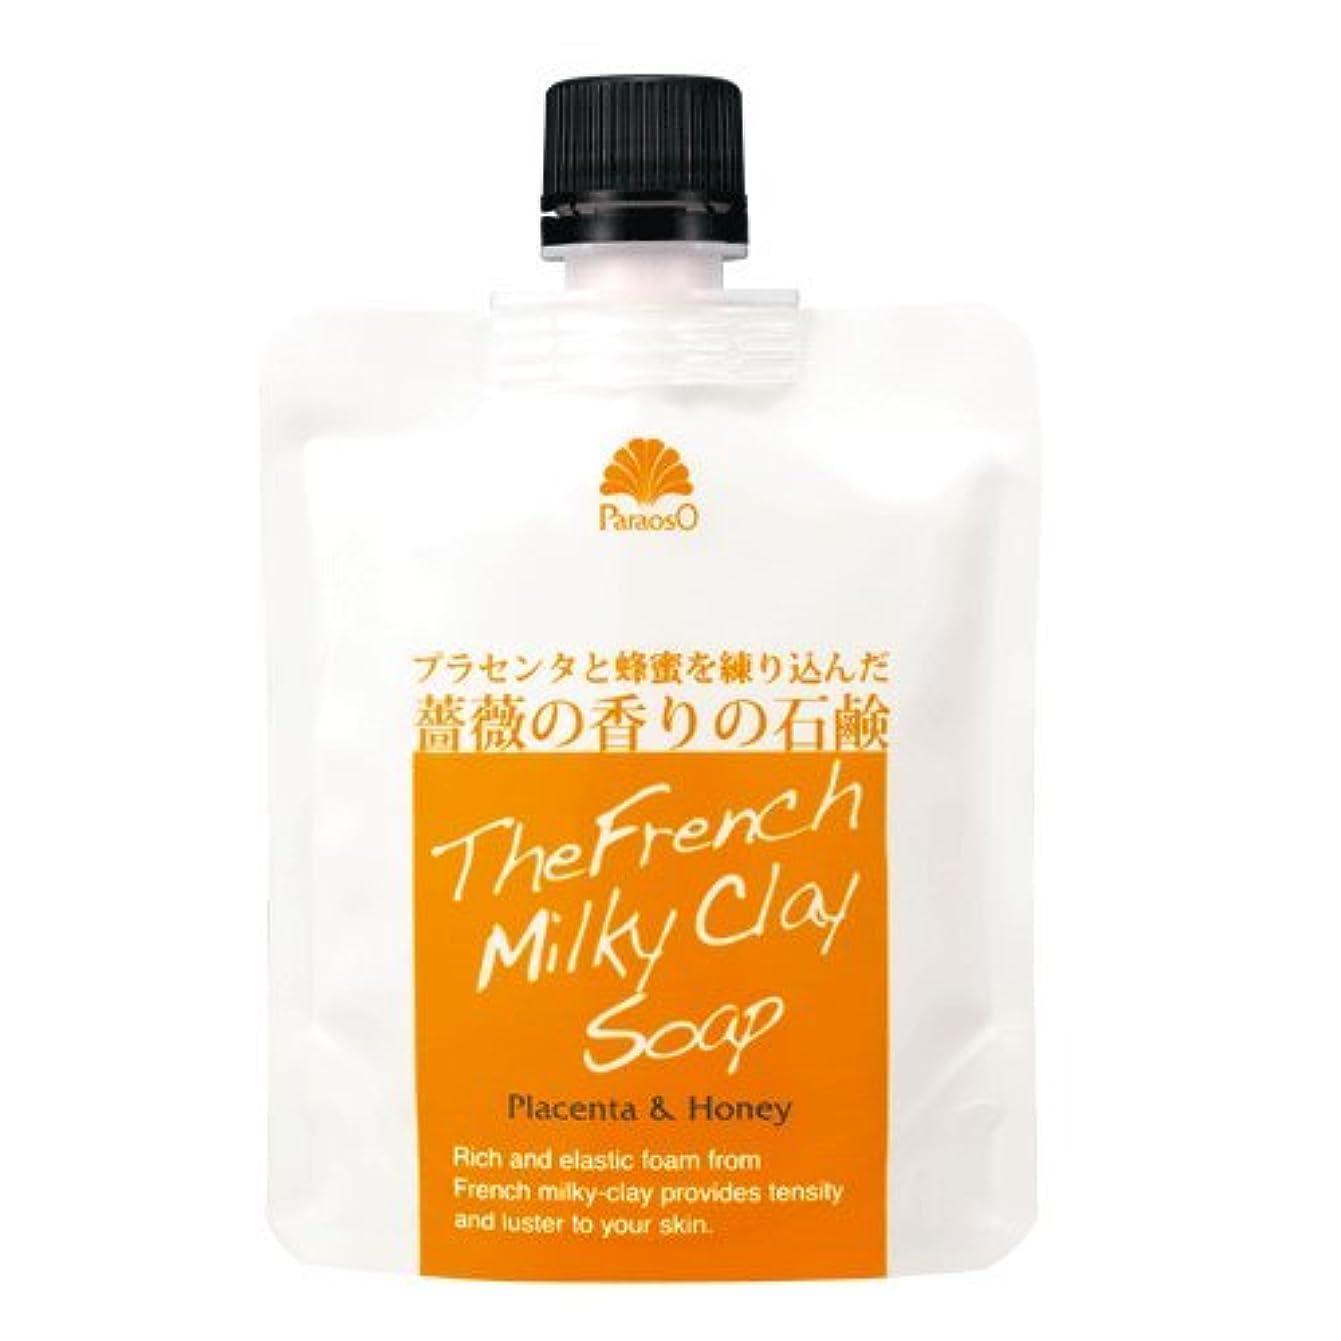 株式会社三十牧草地プラセンタと蜂蜜を練り込んだ薔薇の香りの生石鹸 パラオソフレンチクレイソープ 1個